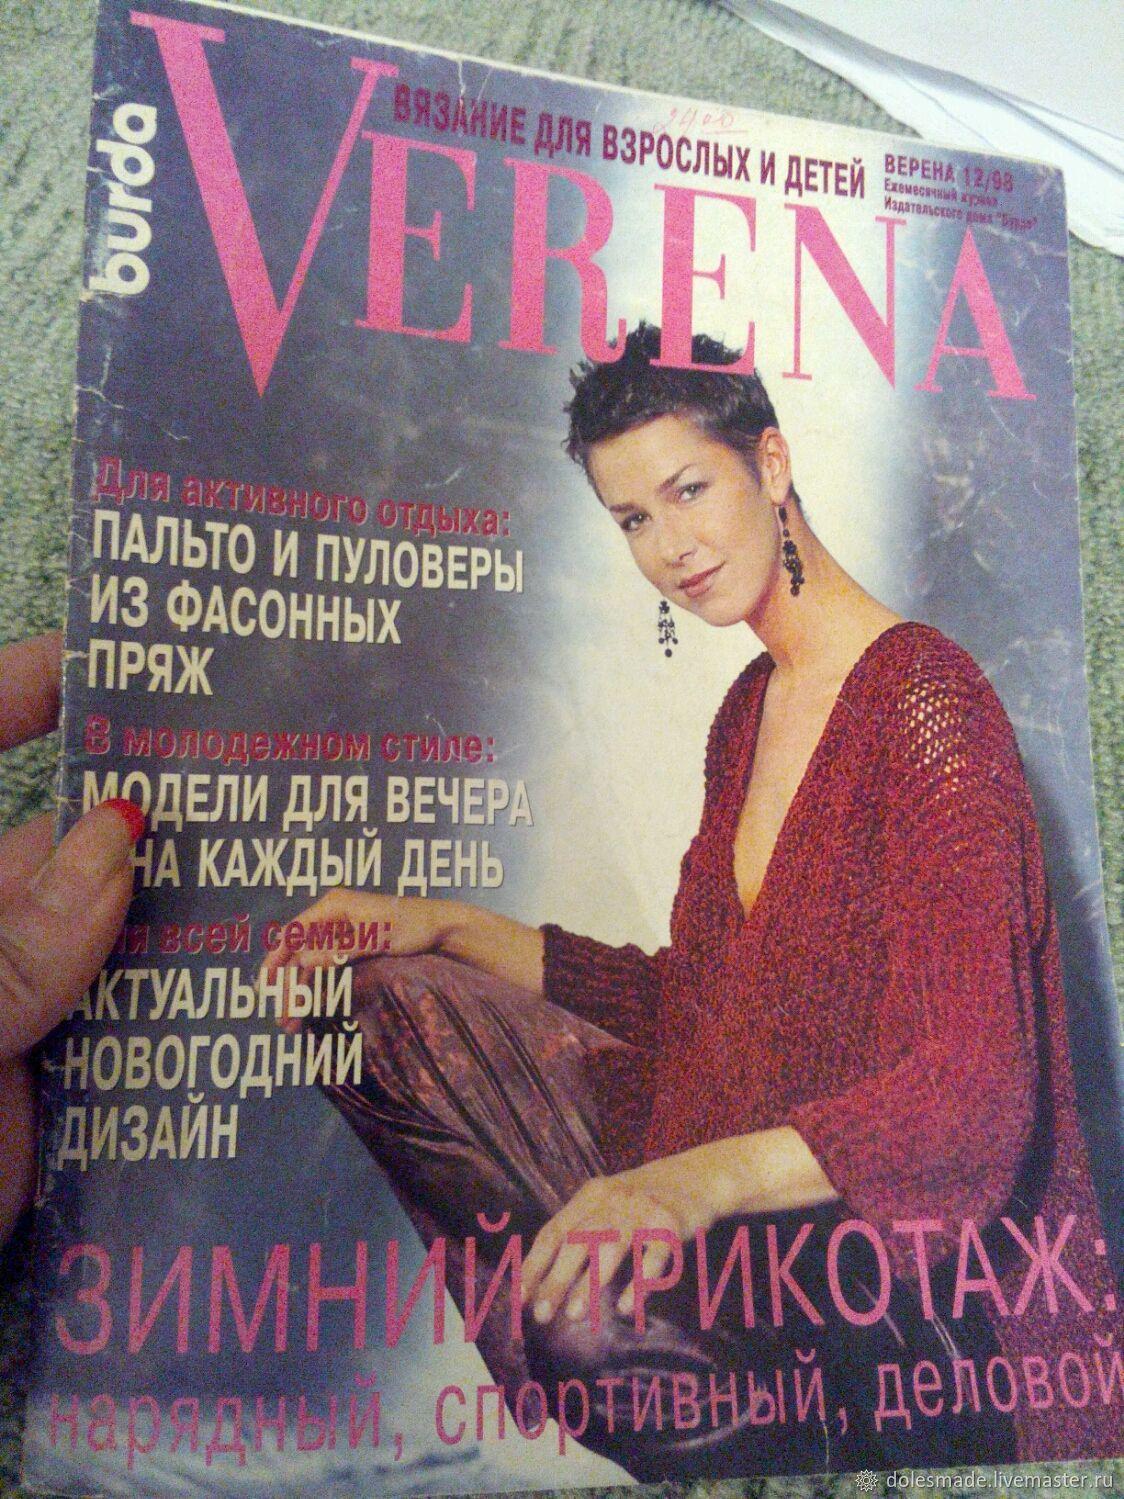 журнал по вязанию Verena 1298 купить в интернет магазине на